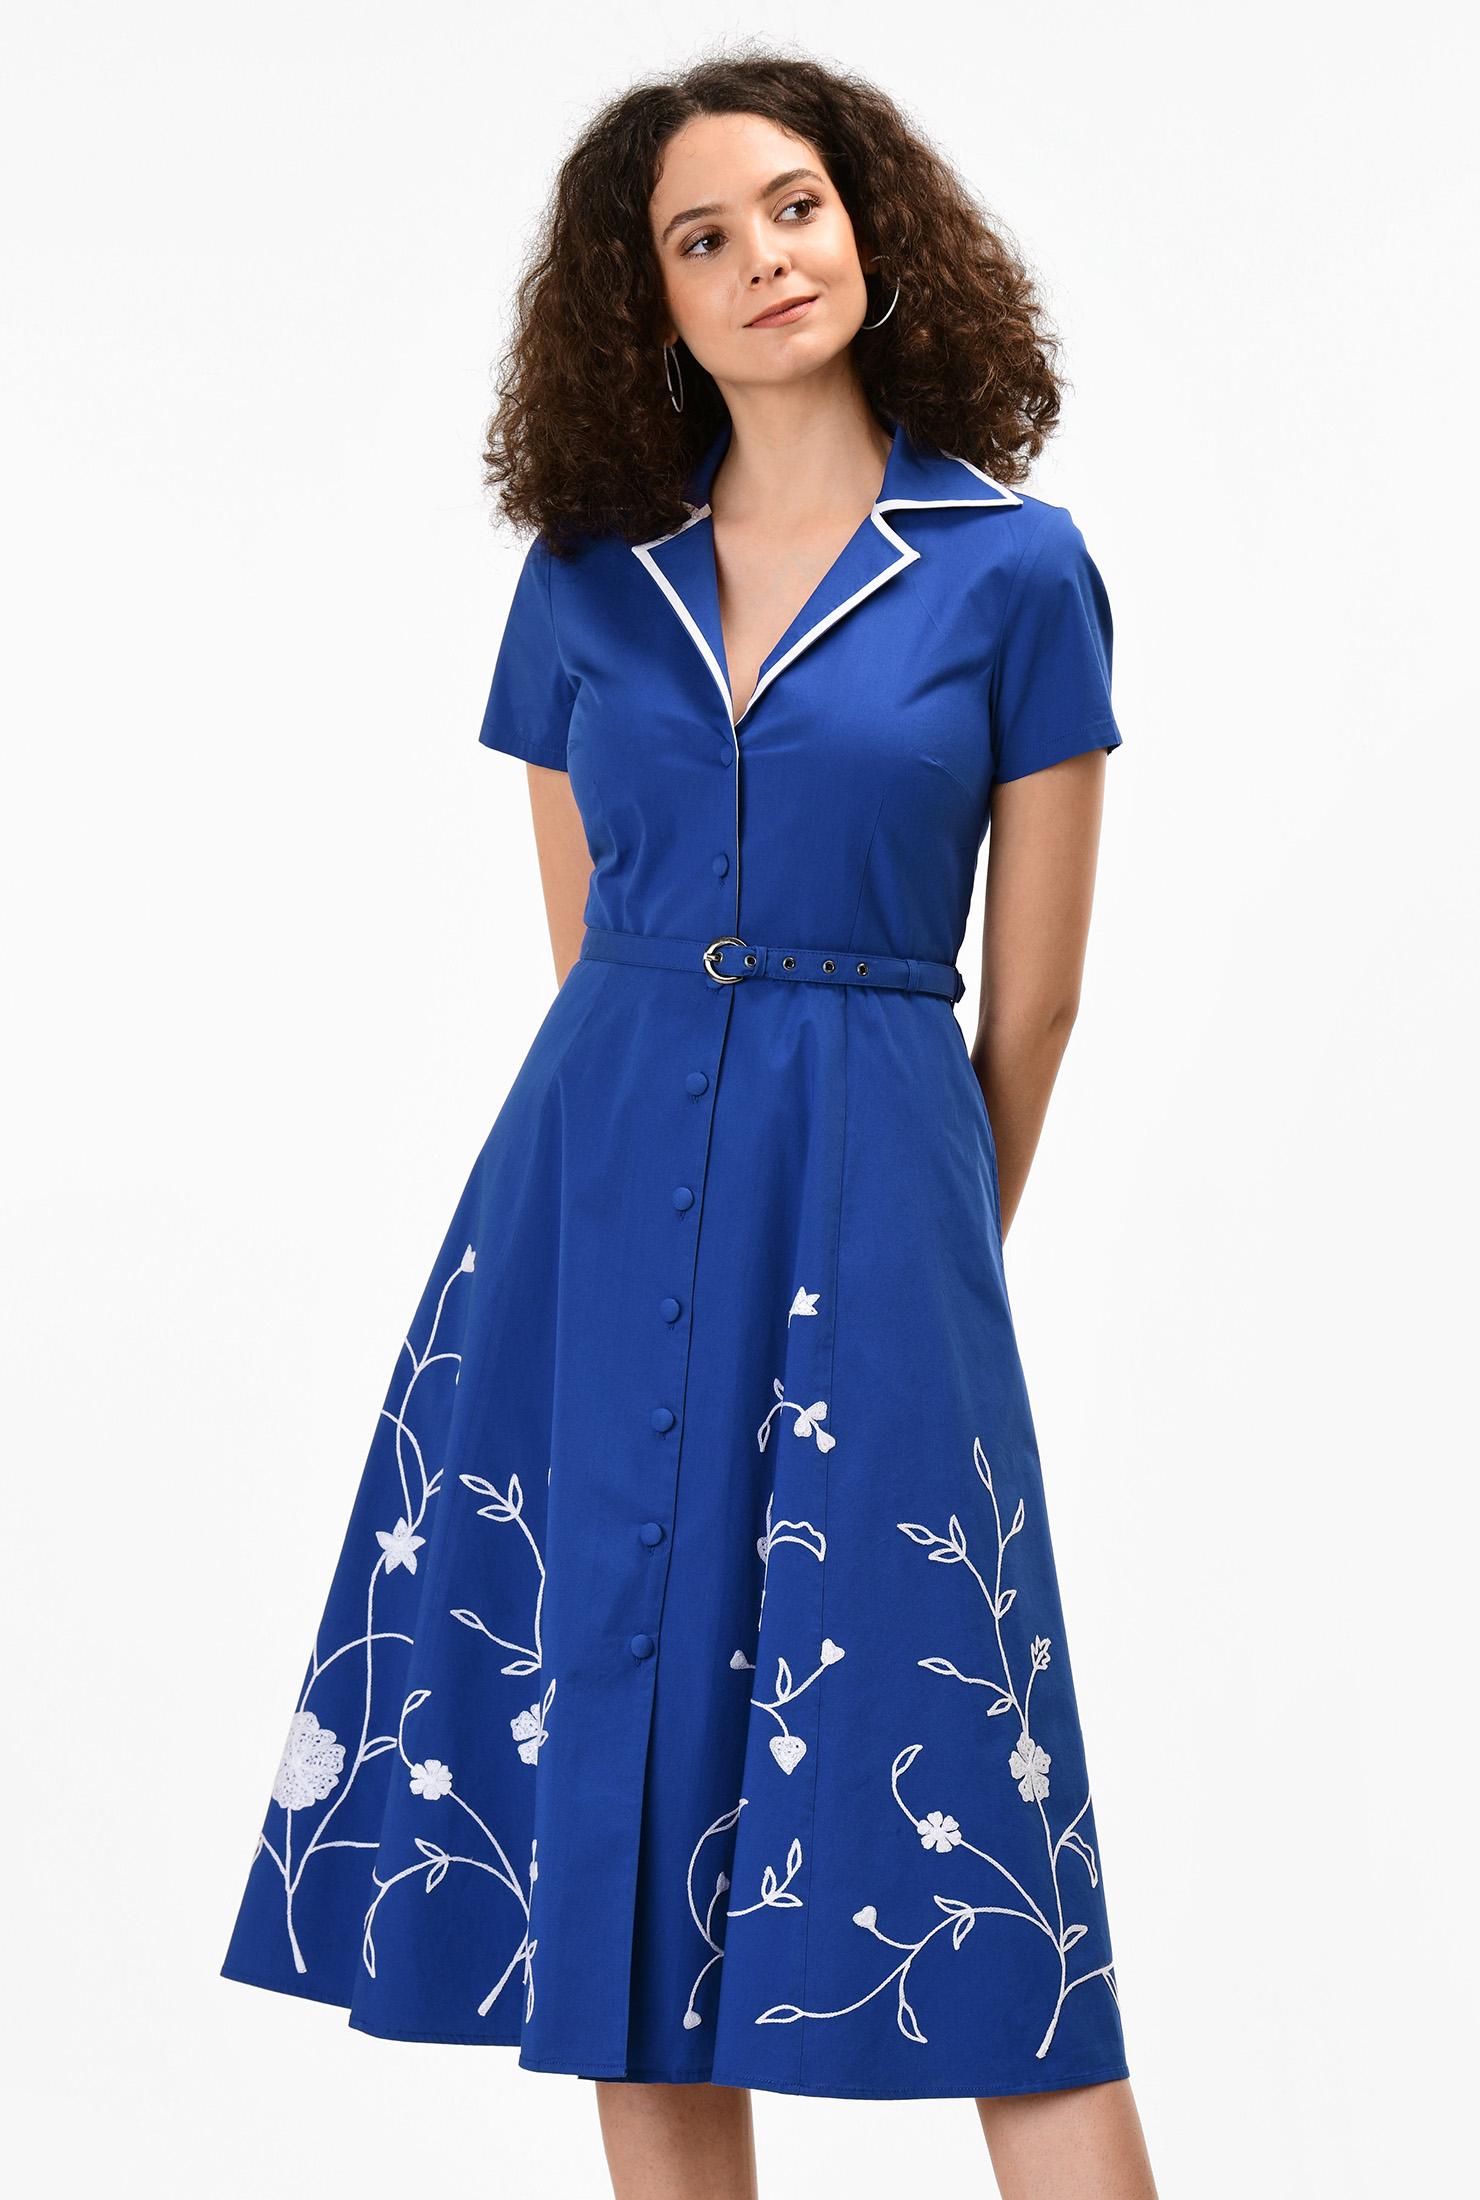 1940s Fashion Advice for Short Women Floral embellished stretch poplin shirtdress $69.95 AT vintagedancer.com